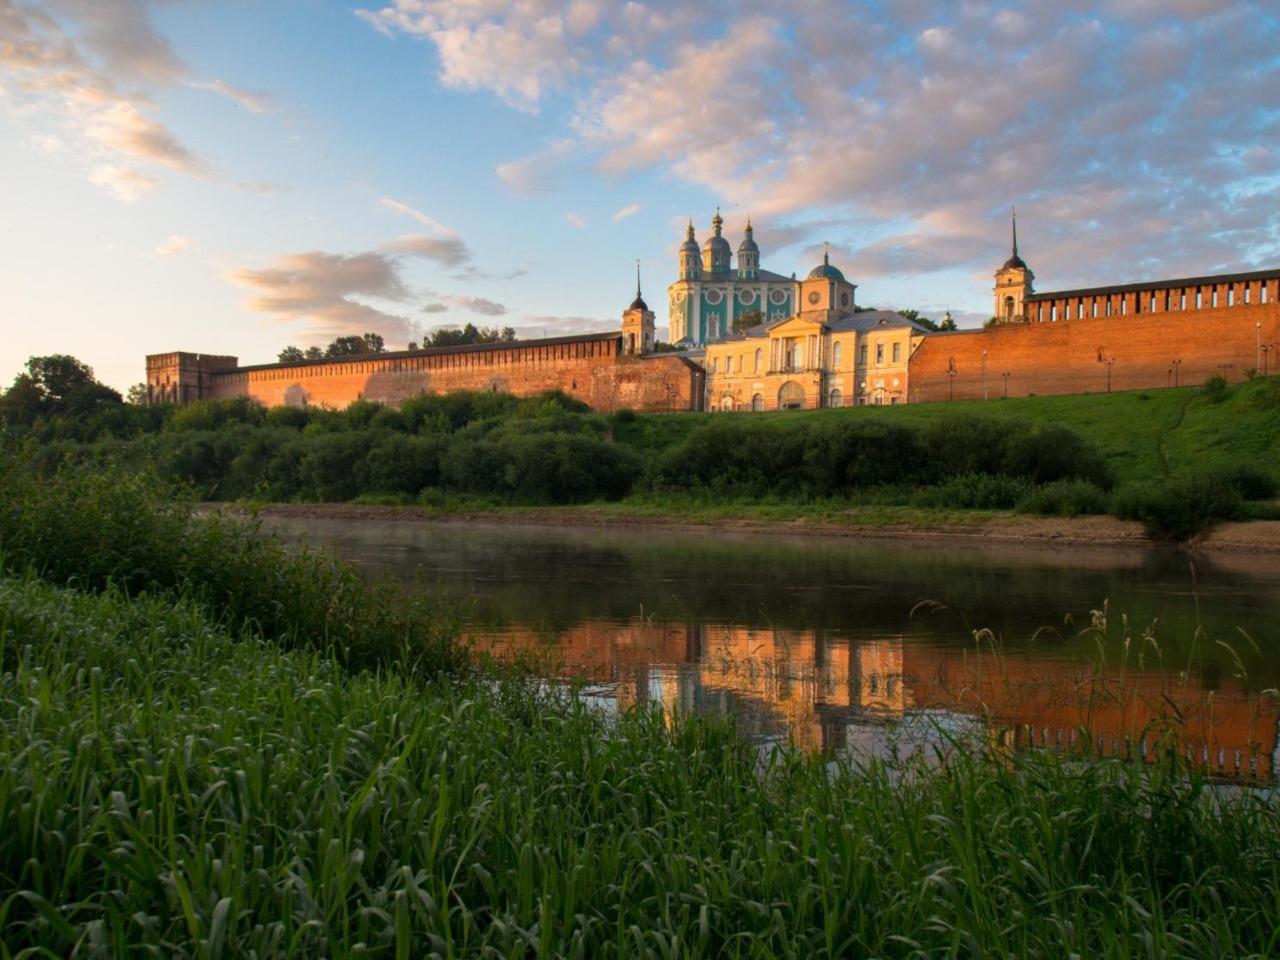 Смоленск - город древний, город вечно молодой - индивидуальная экскурсия по Смоленску от опытного гида